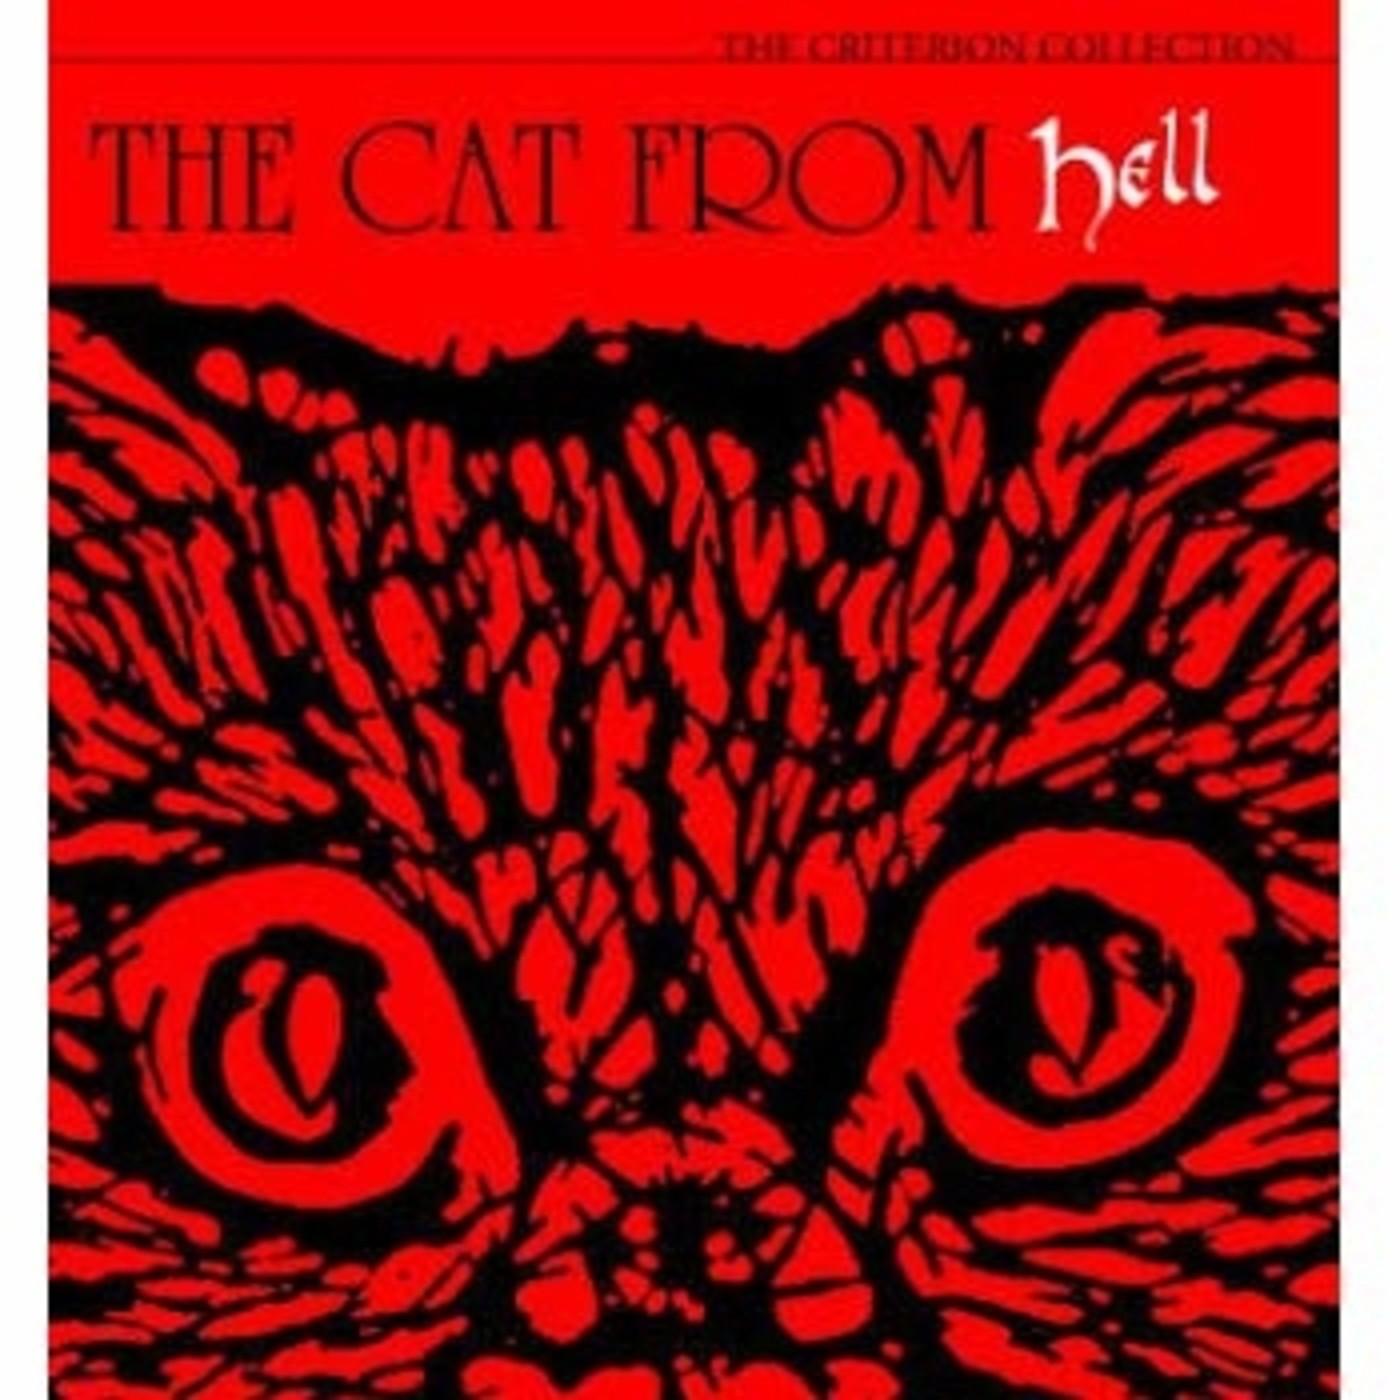 El libro de Tobias: Audio relato El gato del infierno de Stephen King